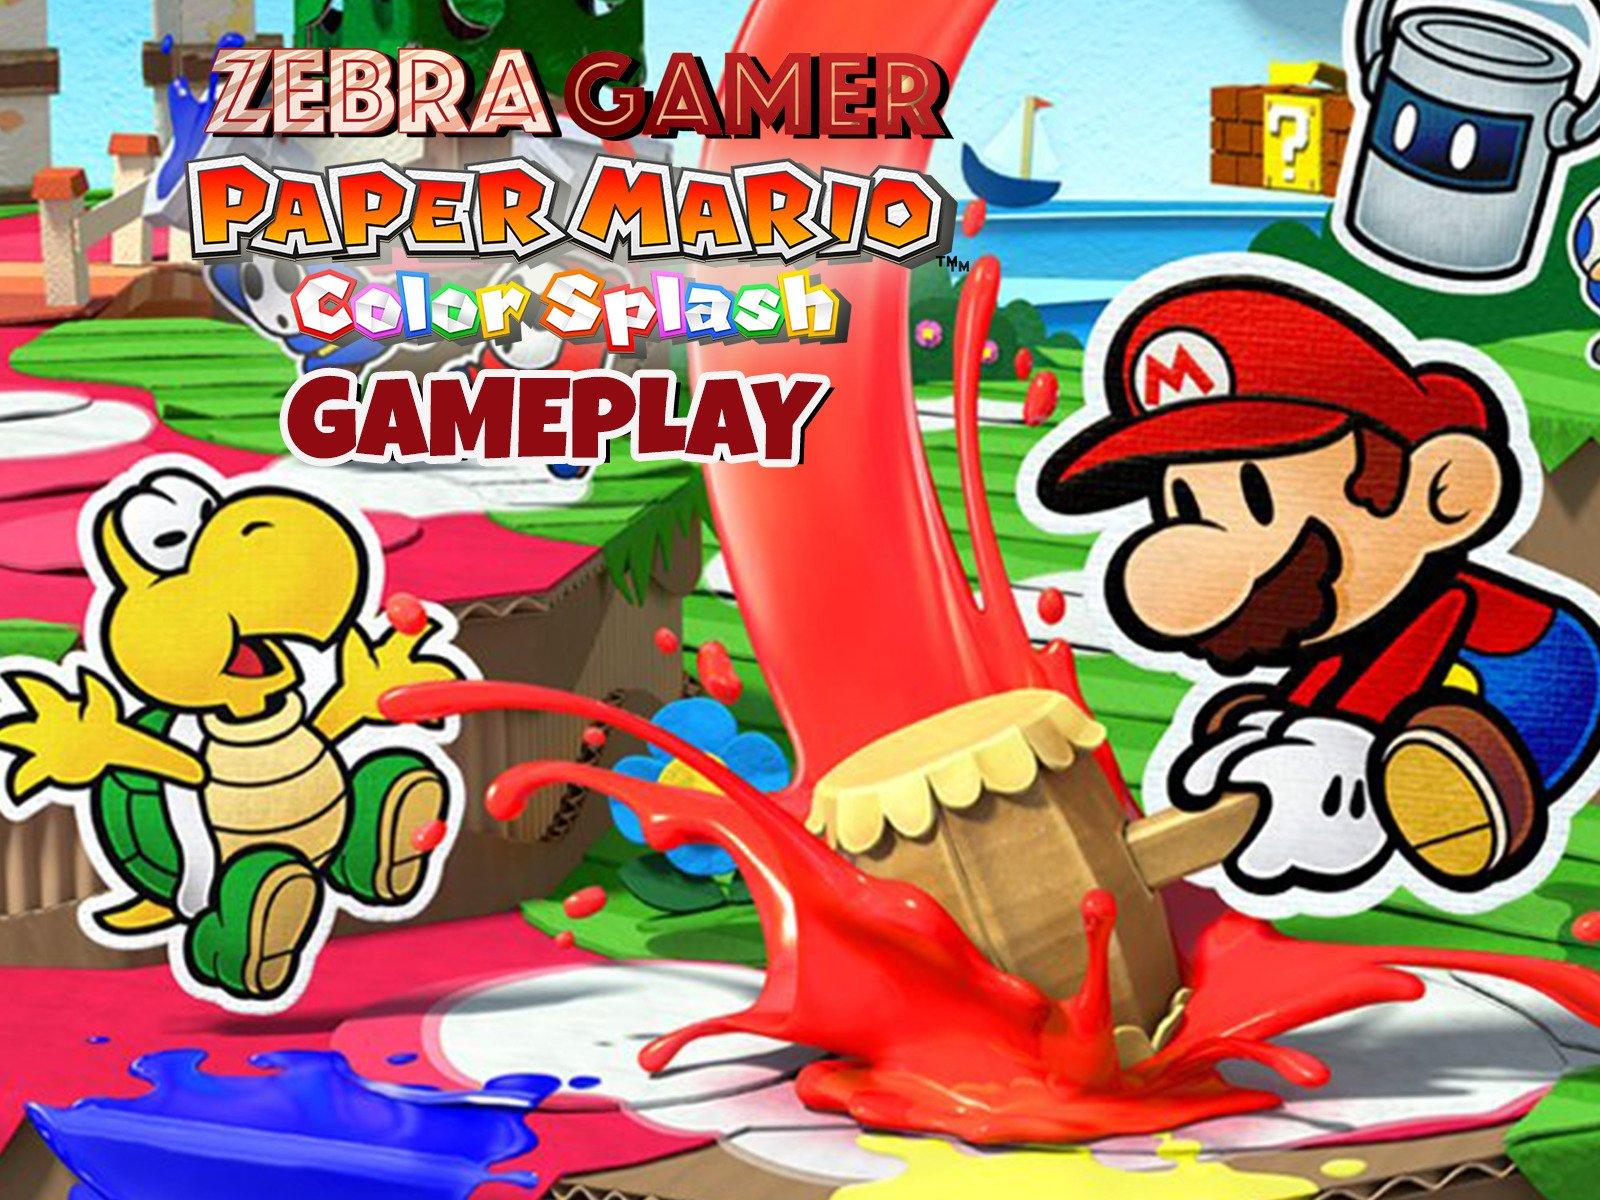 Clip: Paper Mario Color Splash Gameplay - Season 1